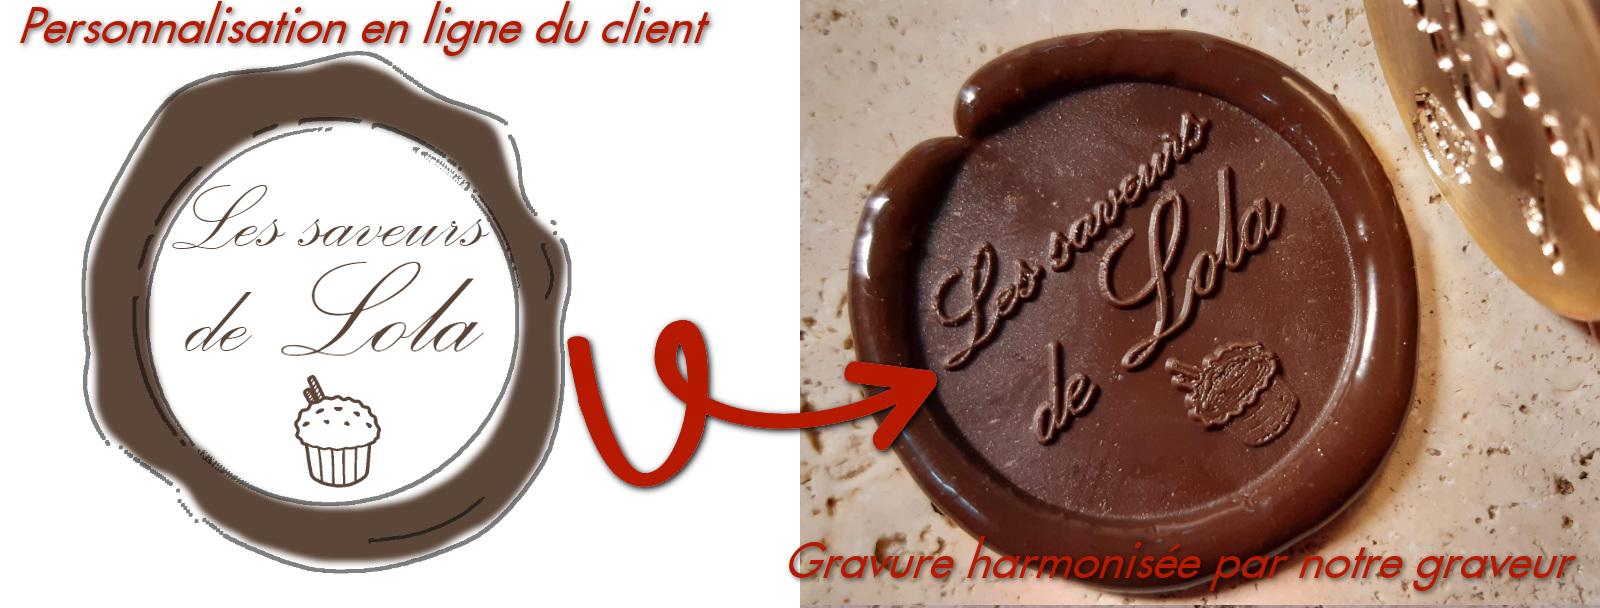 Personnalisation en ligne de votre tampon pour le chocolat